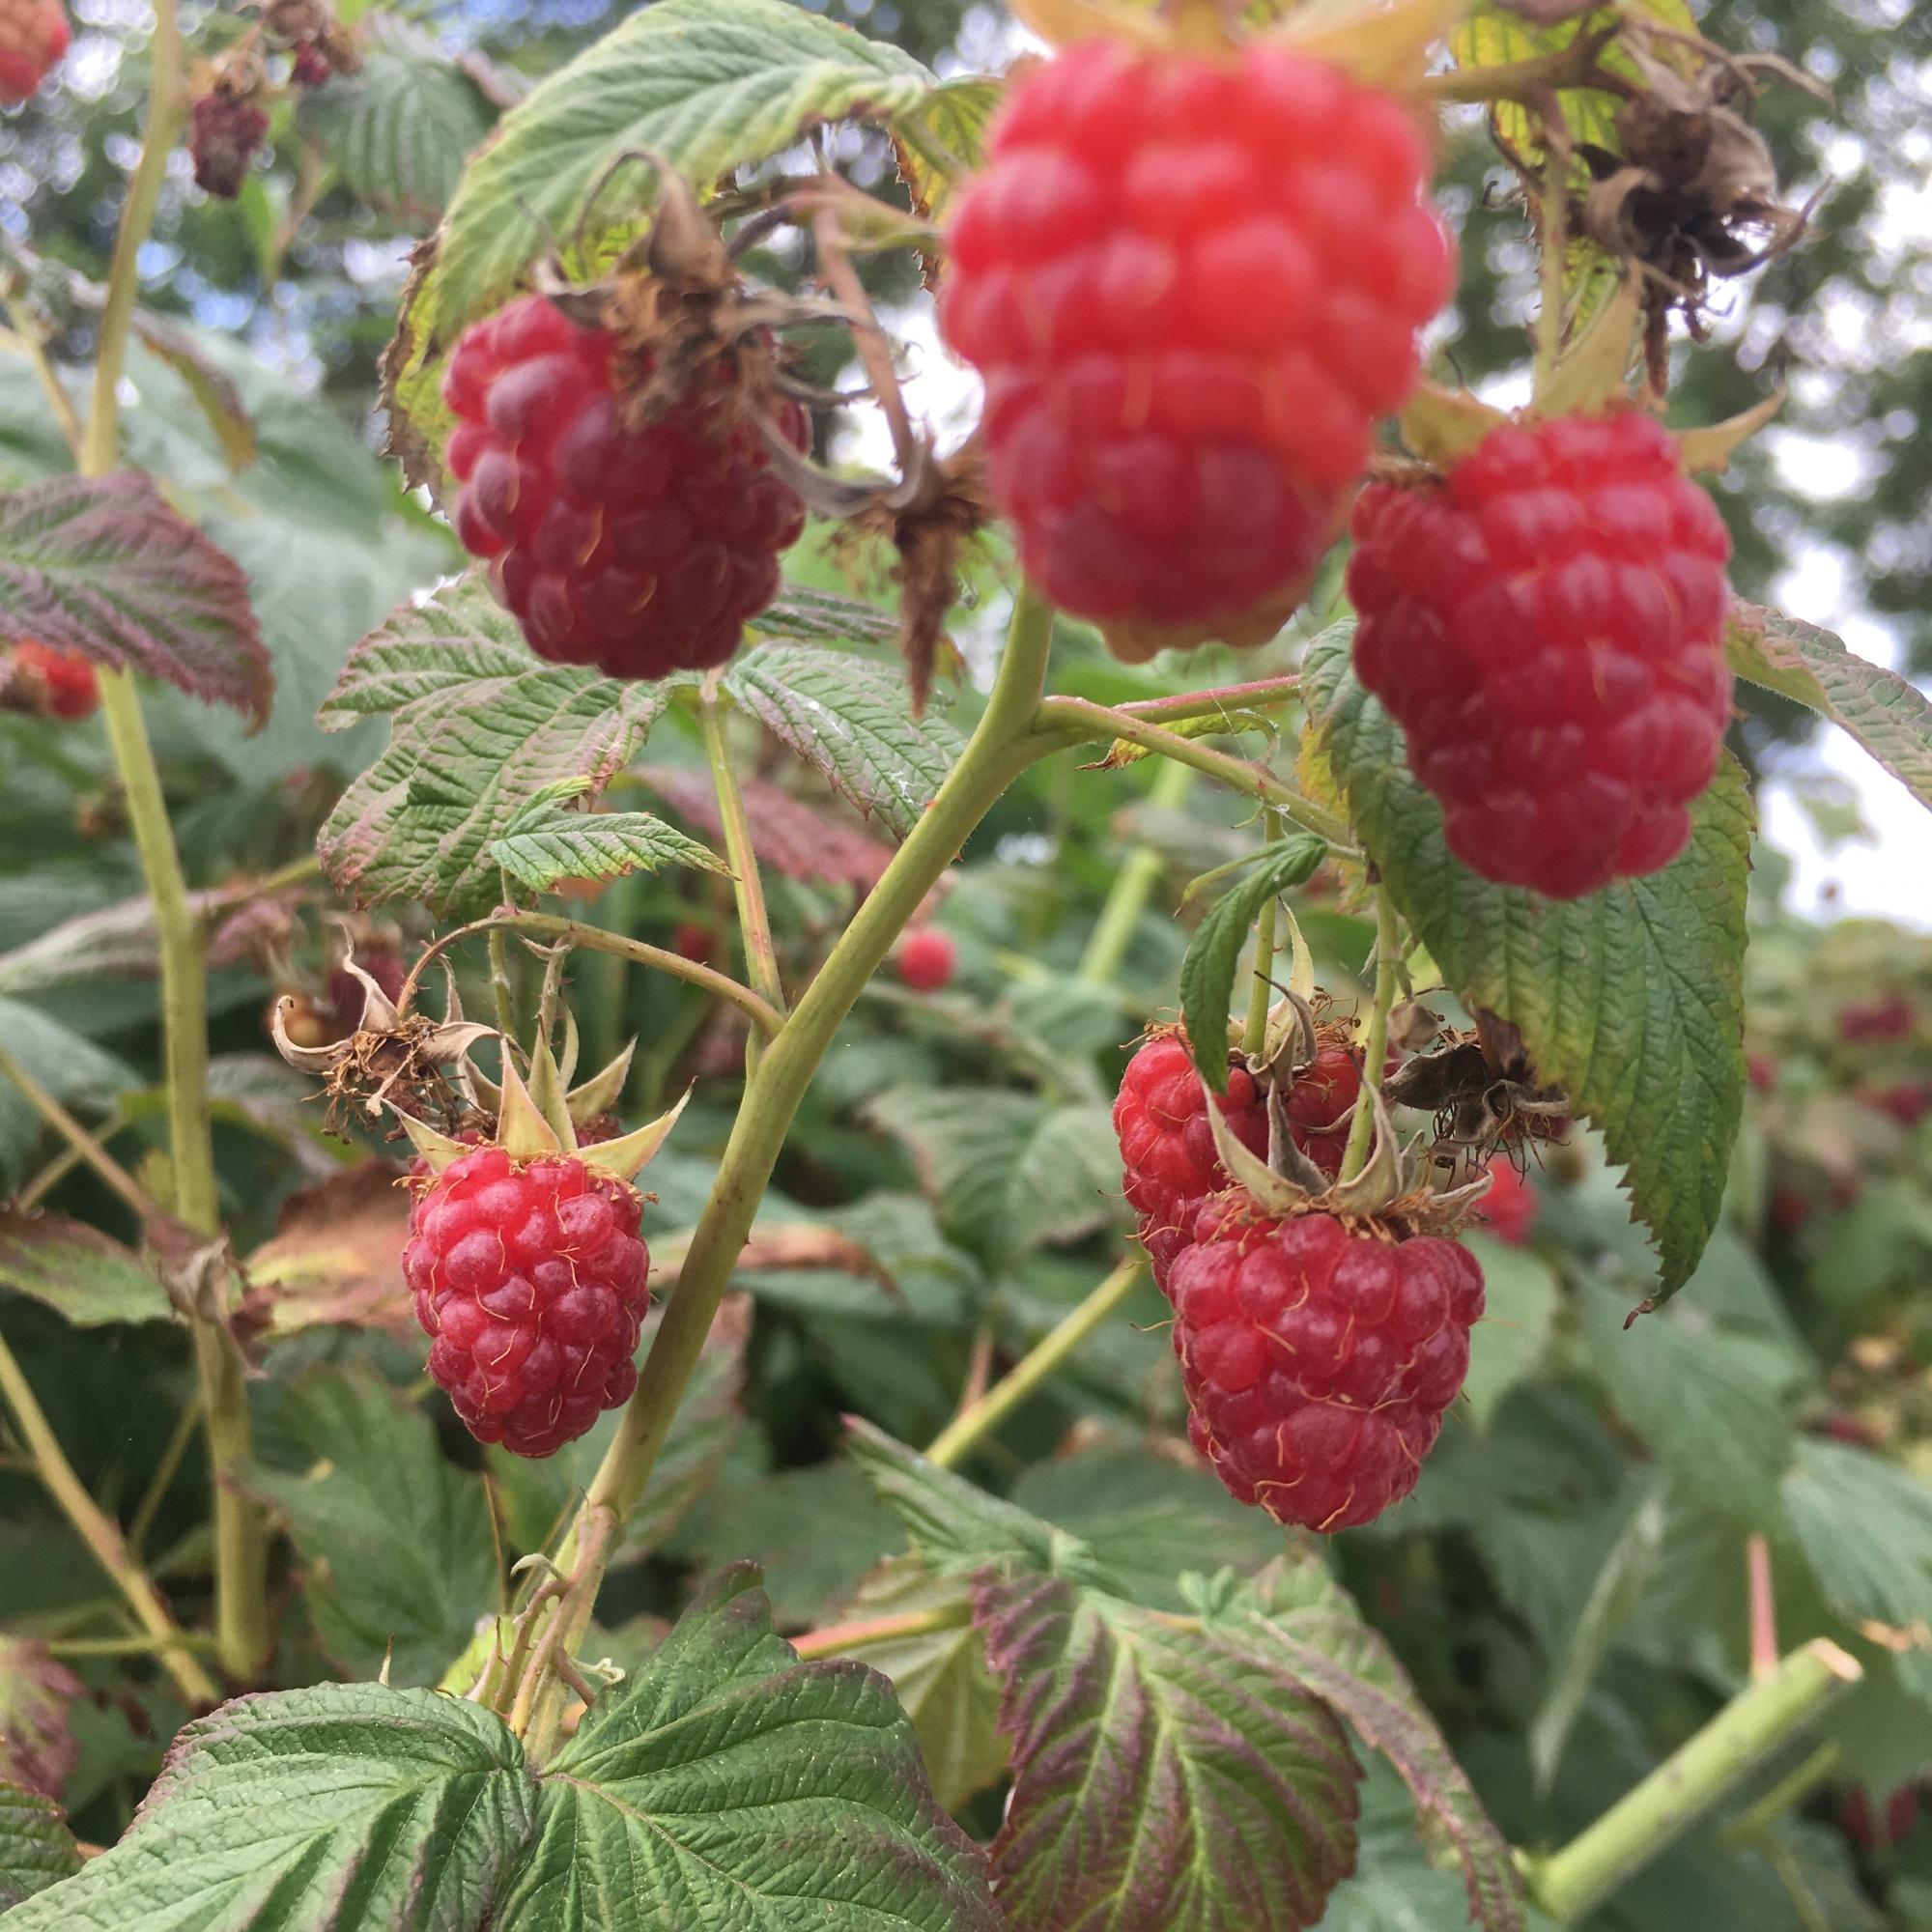 次々と赤く色づく畑のラズベリー。食べると、甘くて、ラズベリー独特の芳醇な香りが口の中に広がります